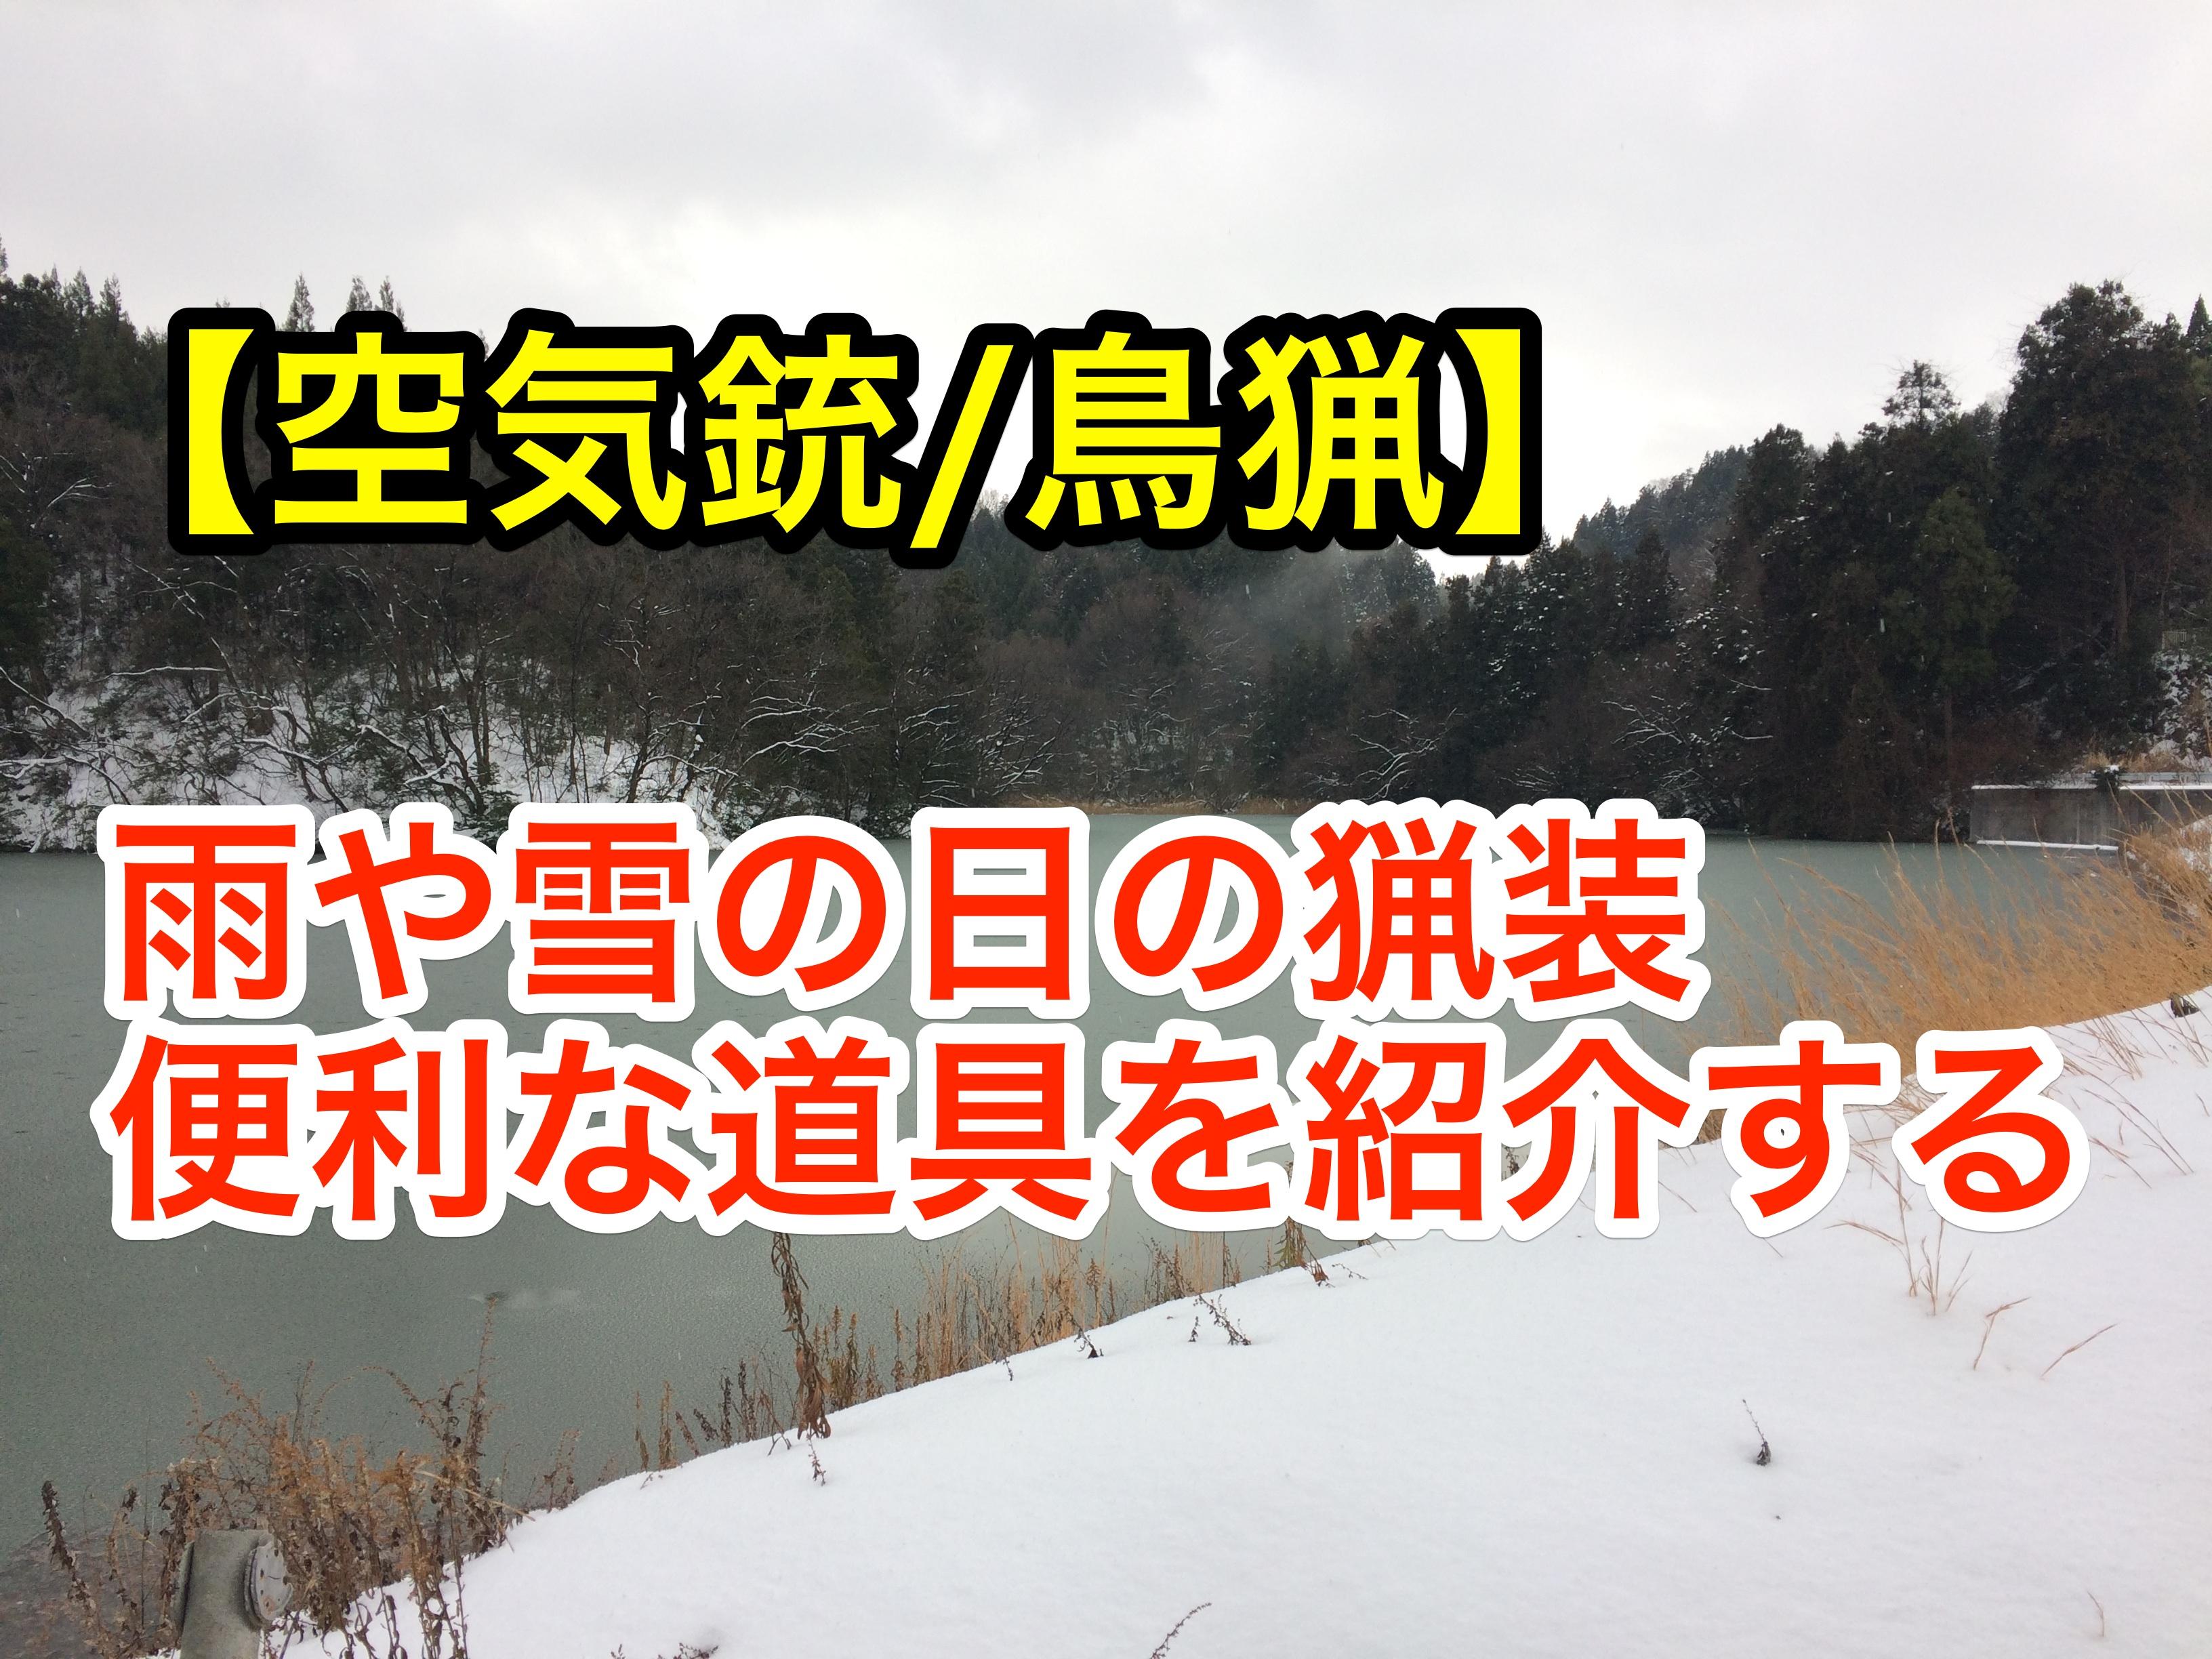 【空気銃/鳥猟】雨や雪の日の猟装。準備しておくと便利な道具を紹介する